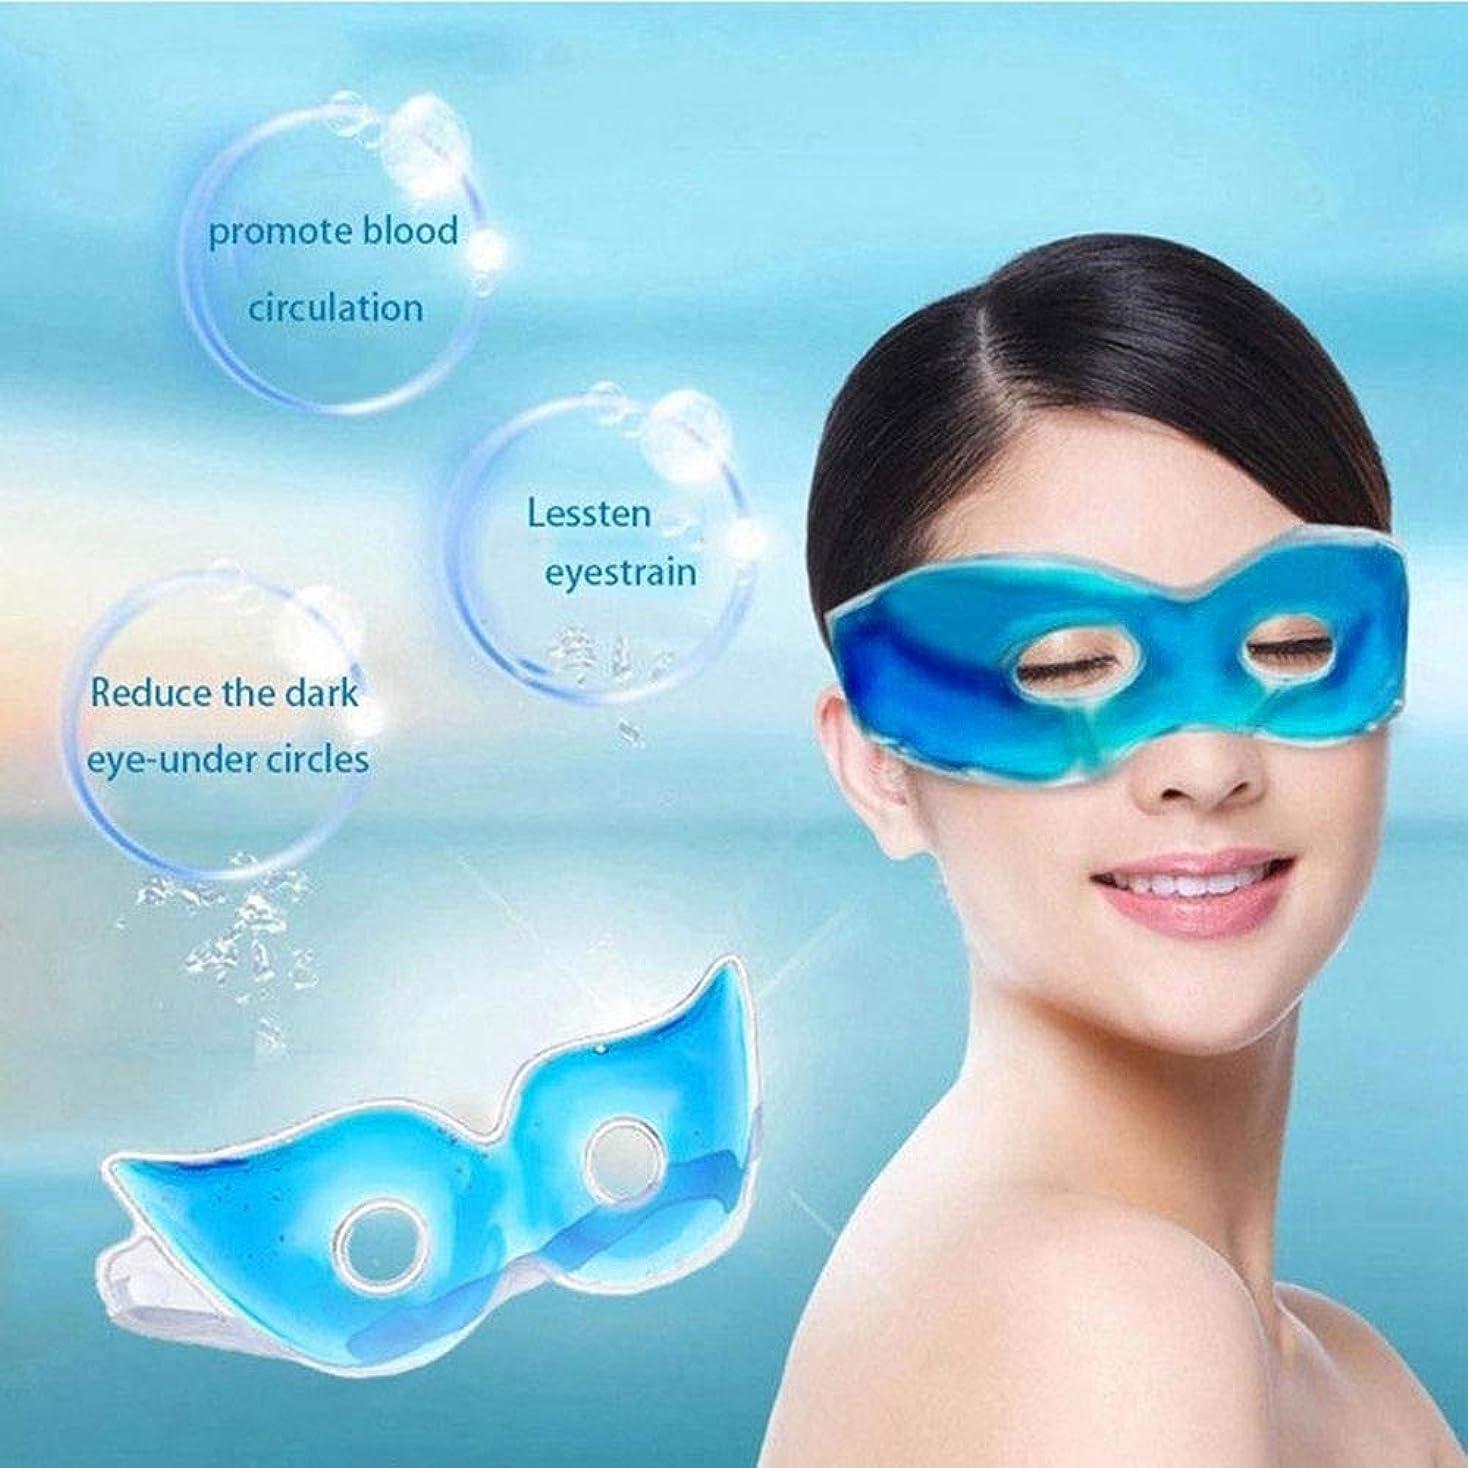 事業内容薄汚い単語NOTE アイスアイジェルスリーピングアイマスク美容ダークサークルを軽減疲労を軽減アイストレイン1個アイジェルパッチマスク